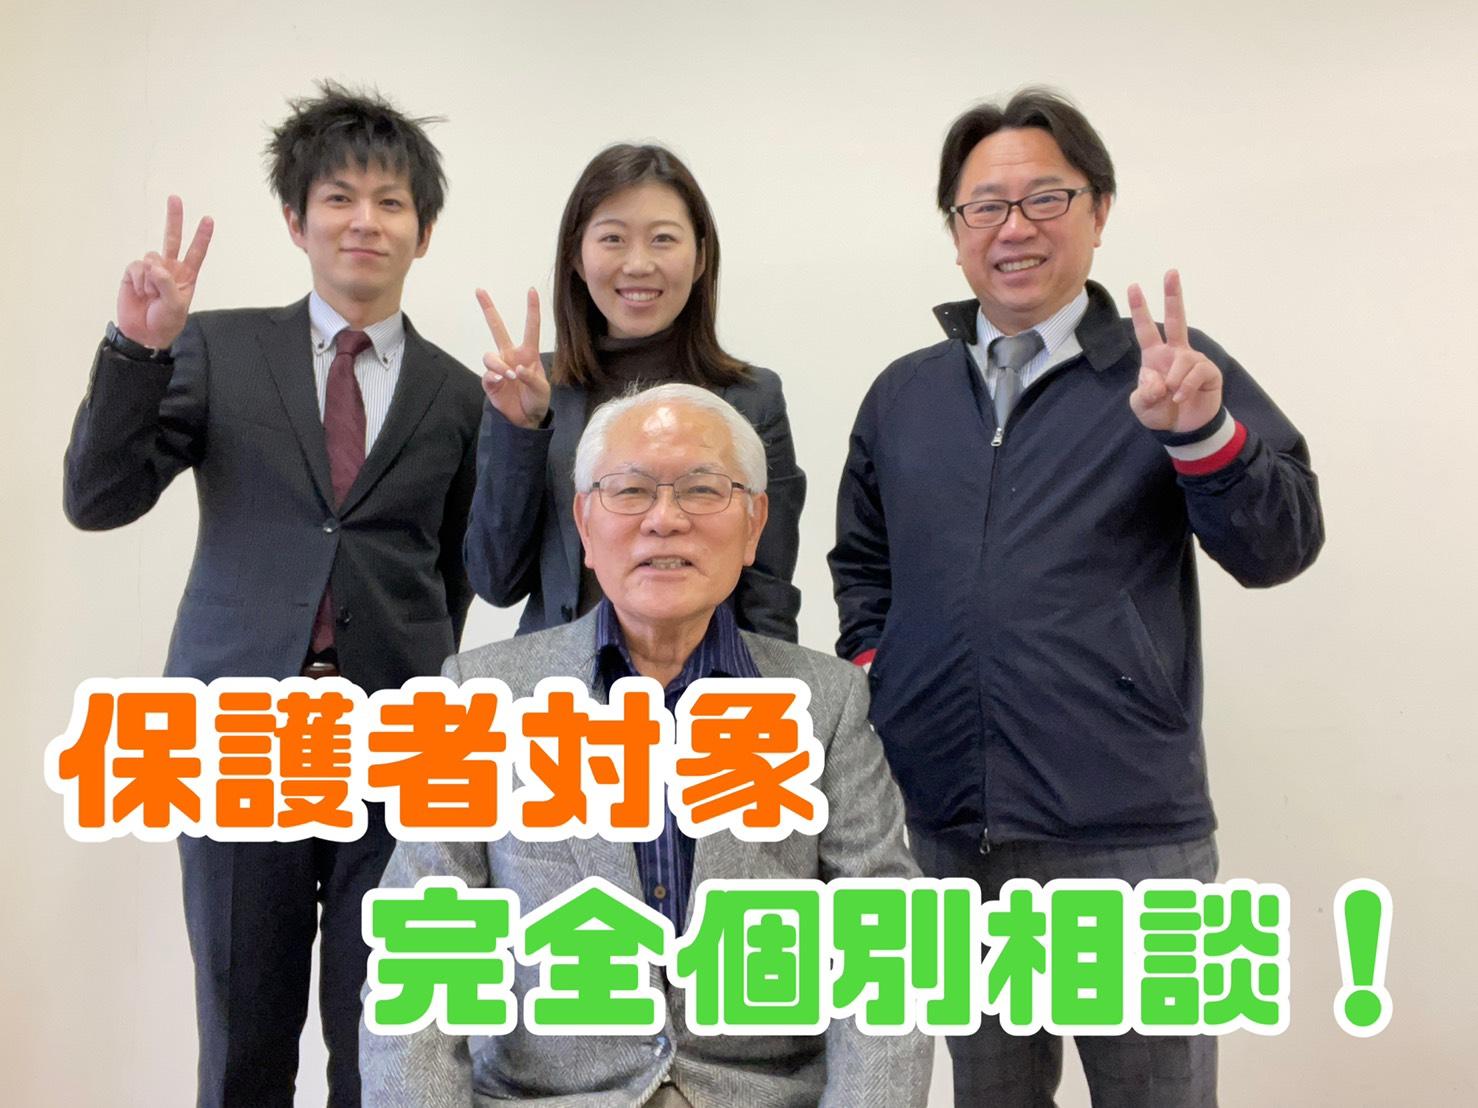 【福岡】4/24(土)完全個別で何でも聞ける入学相談会~保護者対象~